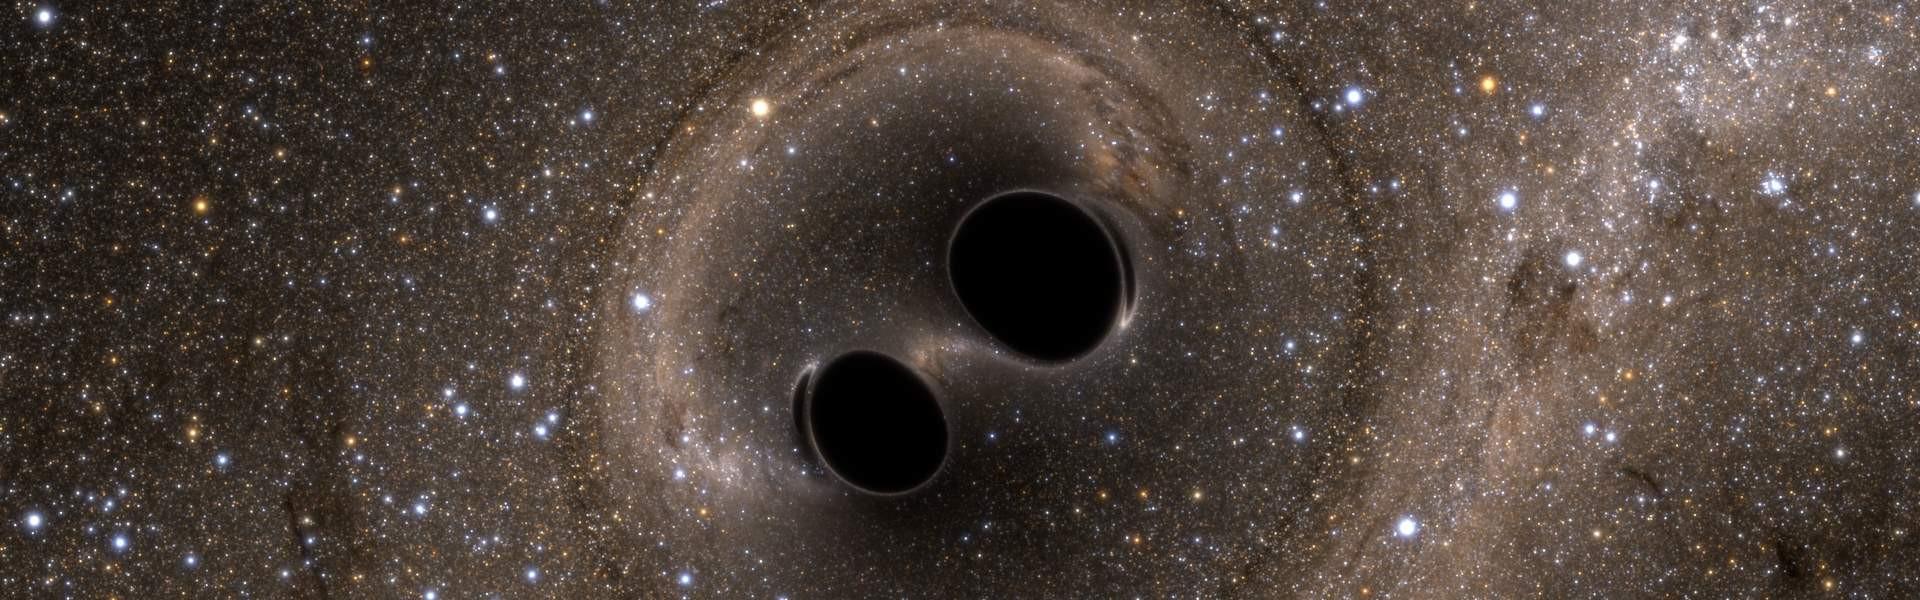 Gravitationswellen - Wofür es den Nobelpreis gab